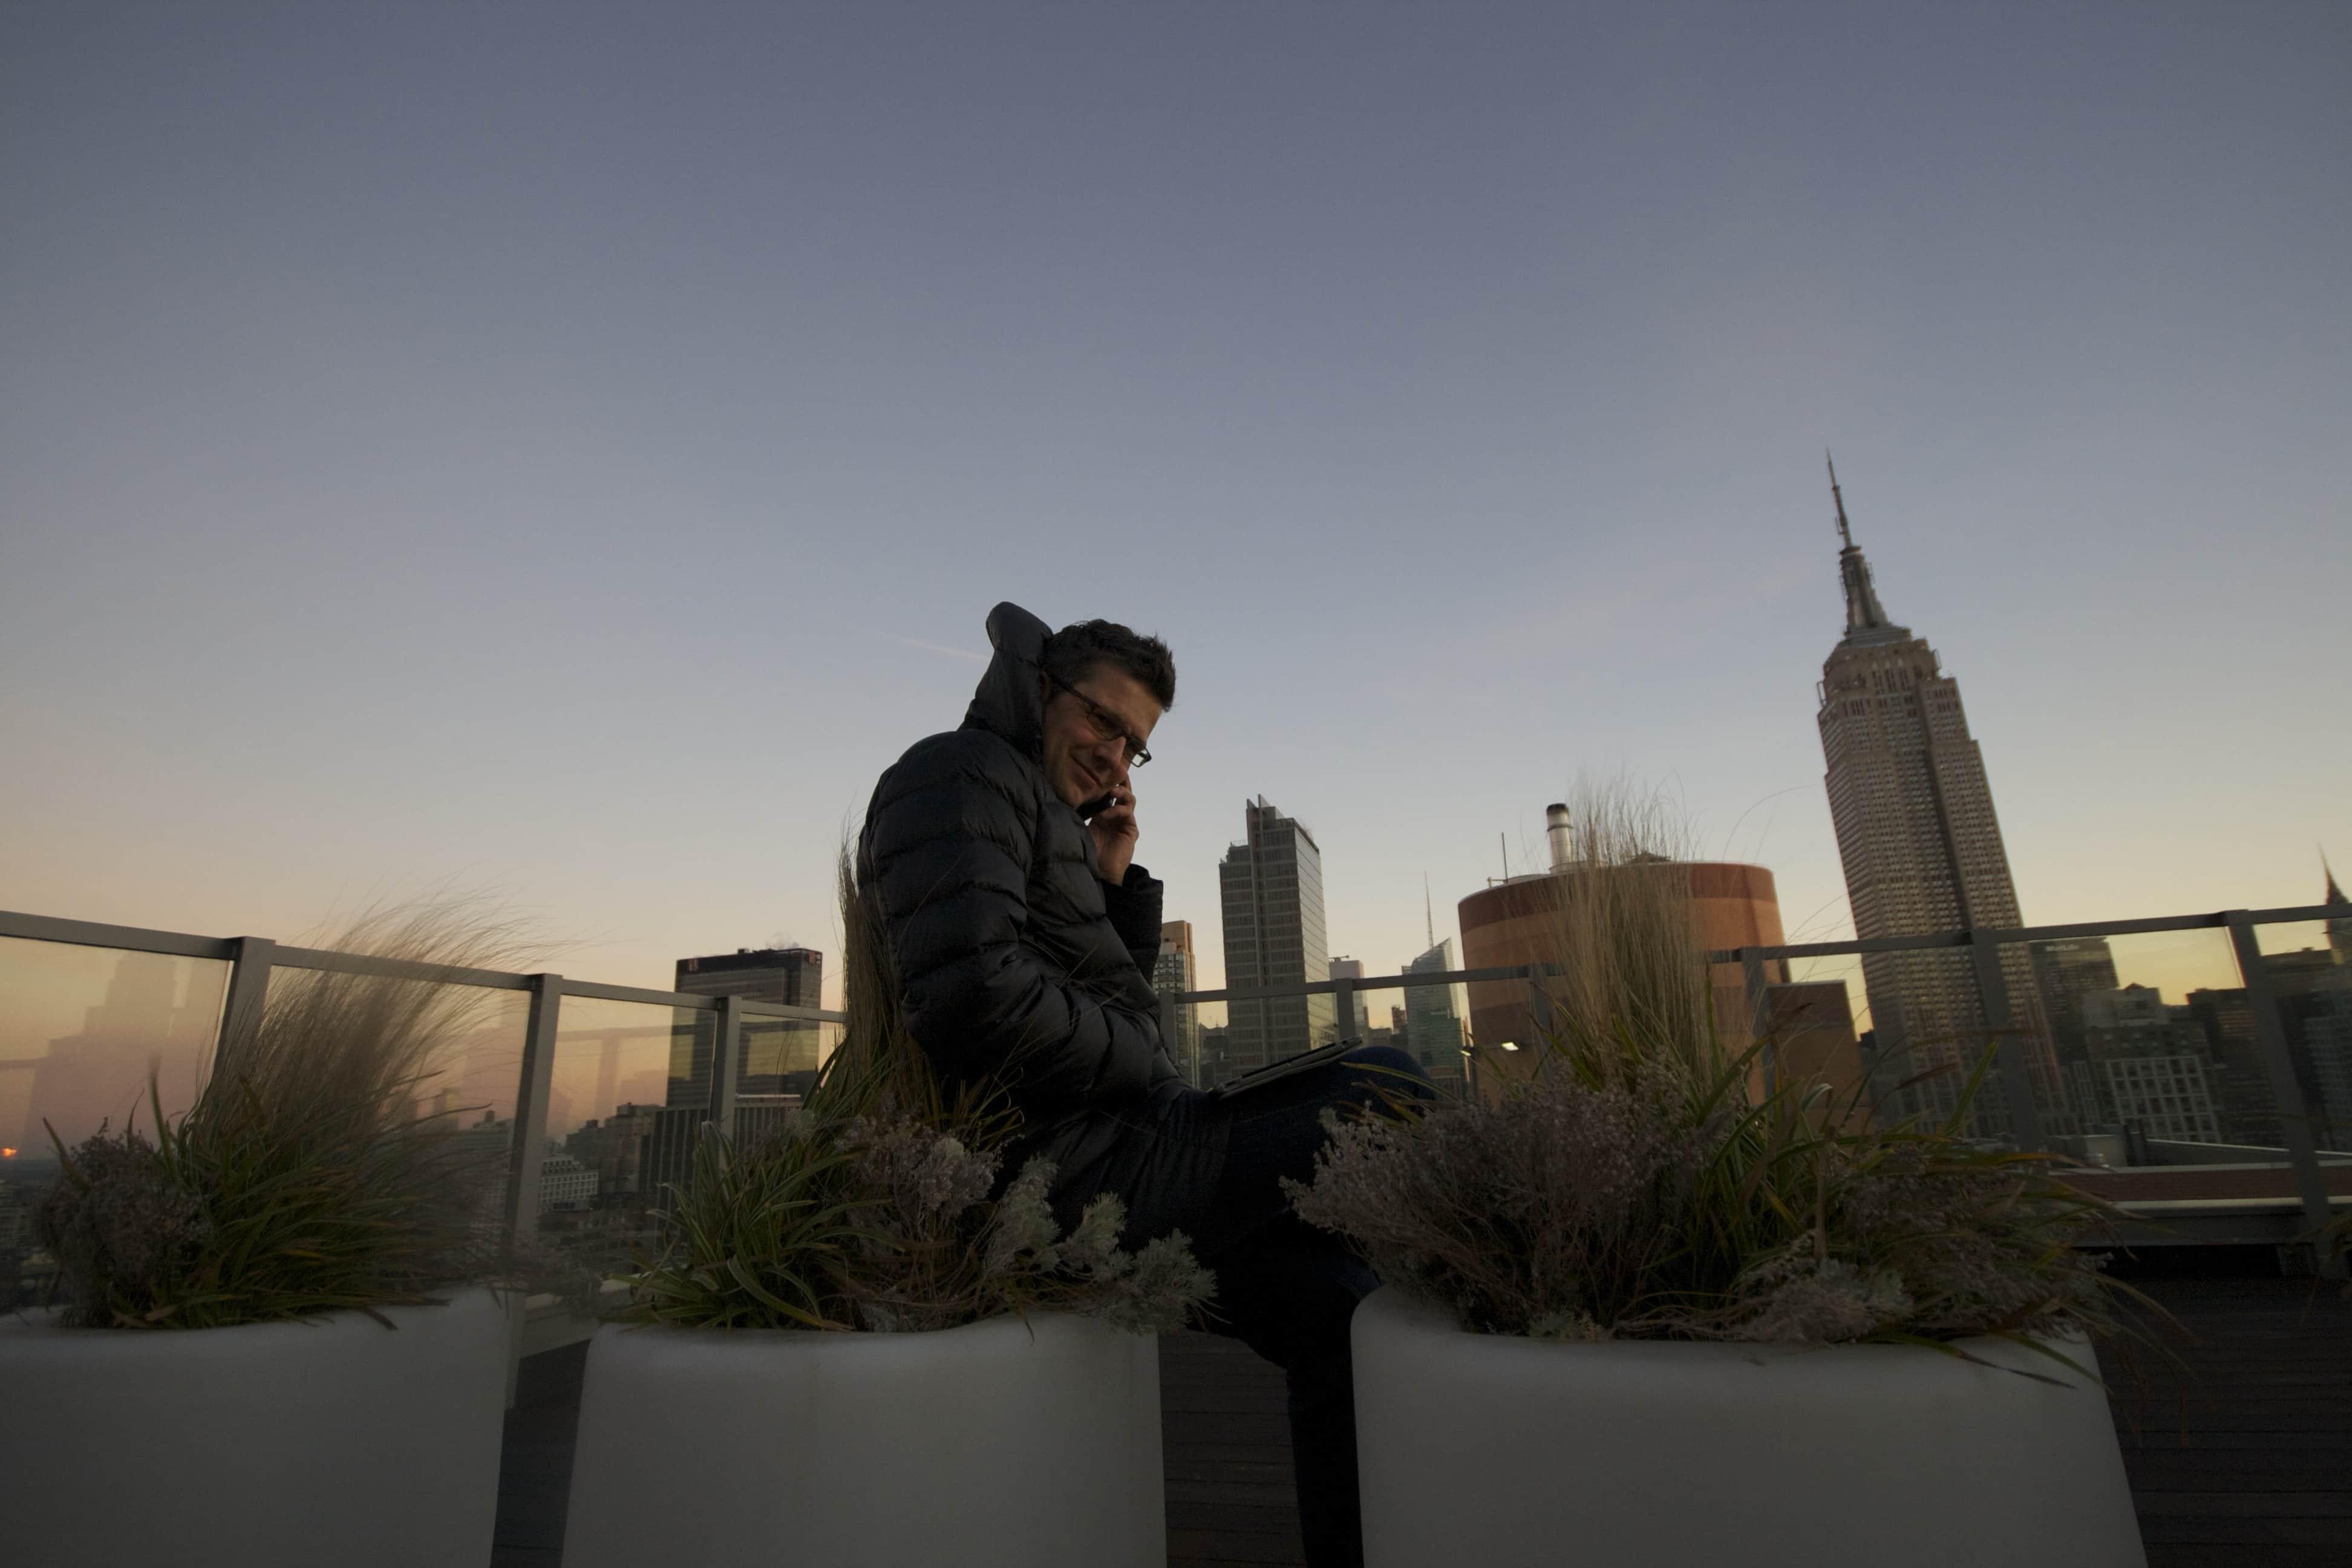 Manhattan Midtown Roof-Topping. Schnell noch einen Blick auf die Rechnungsliste in der online Hotelsoftware. NYC